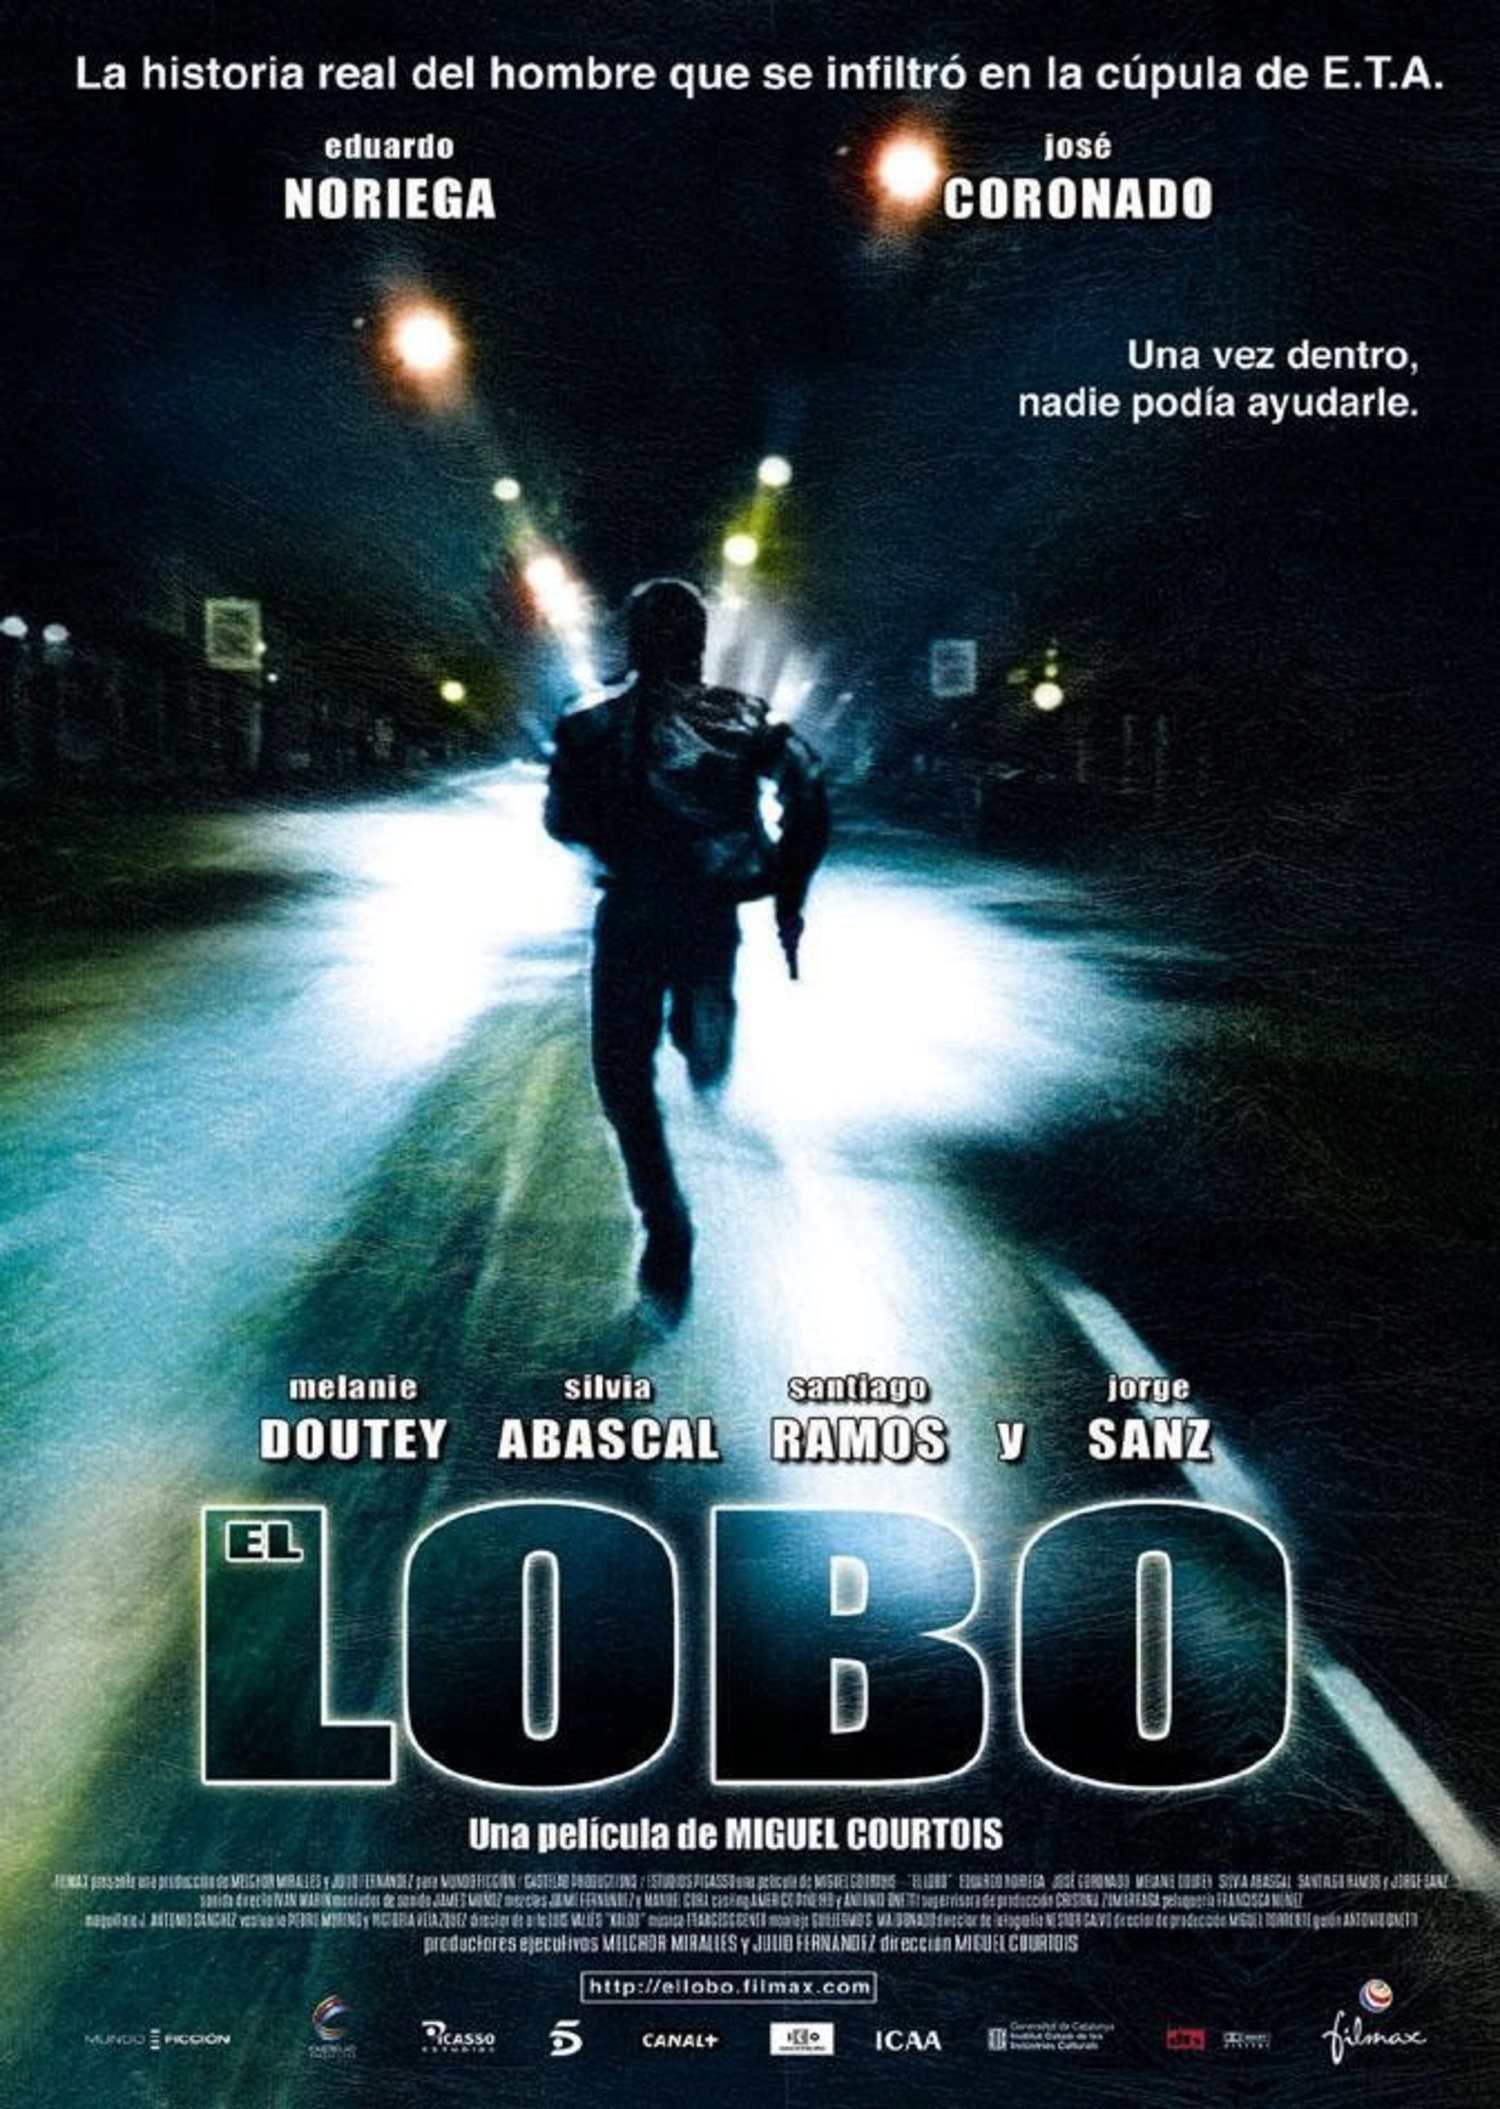 Imagen de la película 'El Lobo'.